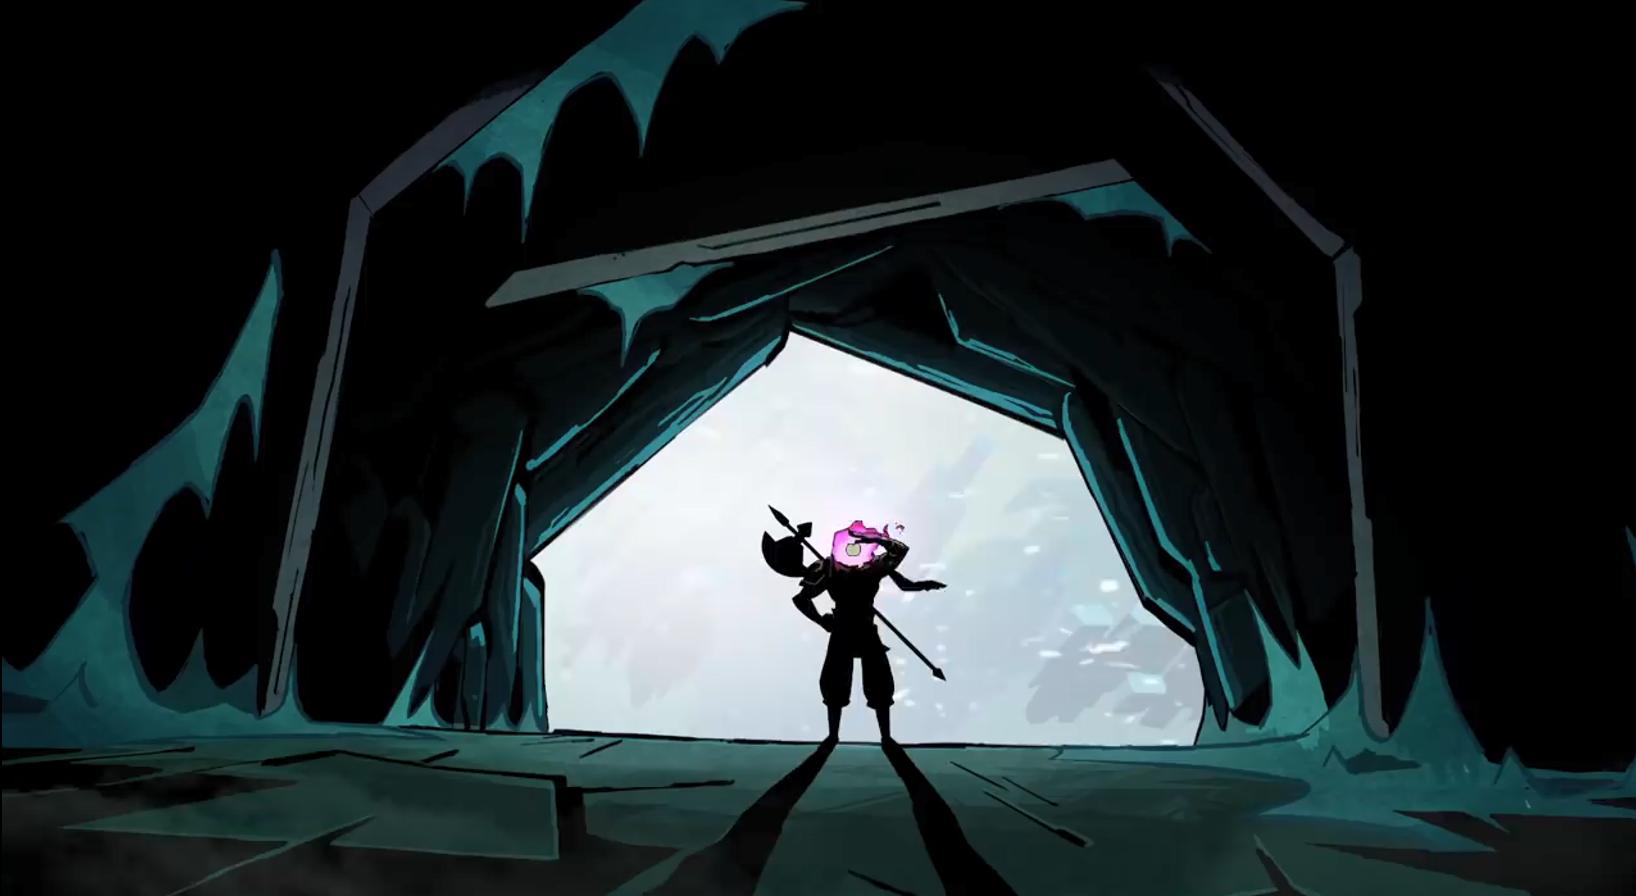 """巨型骷髅一击落命《死亡细胞》发布动画宣传DLC""""巨人崛起"""""""